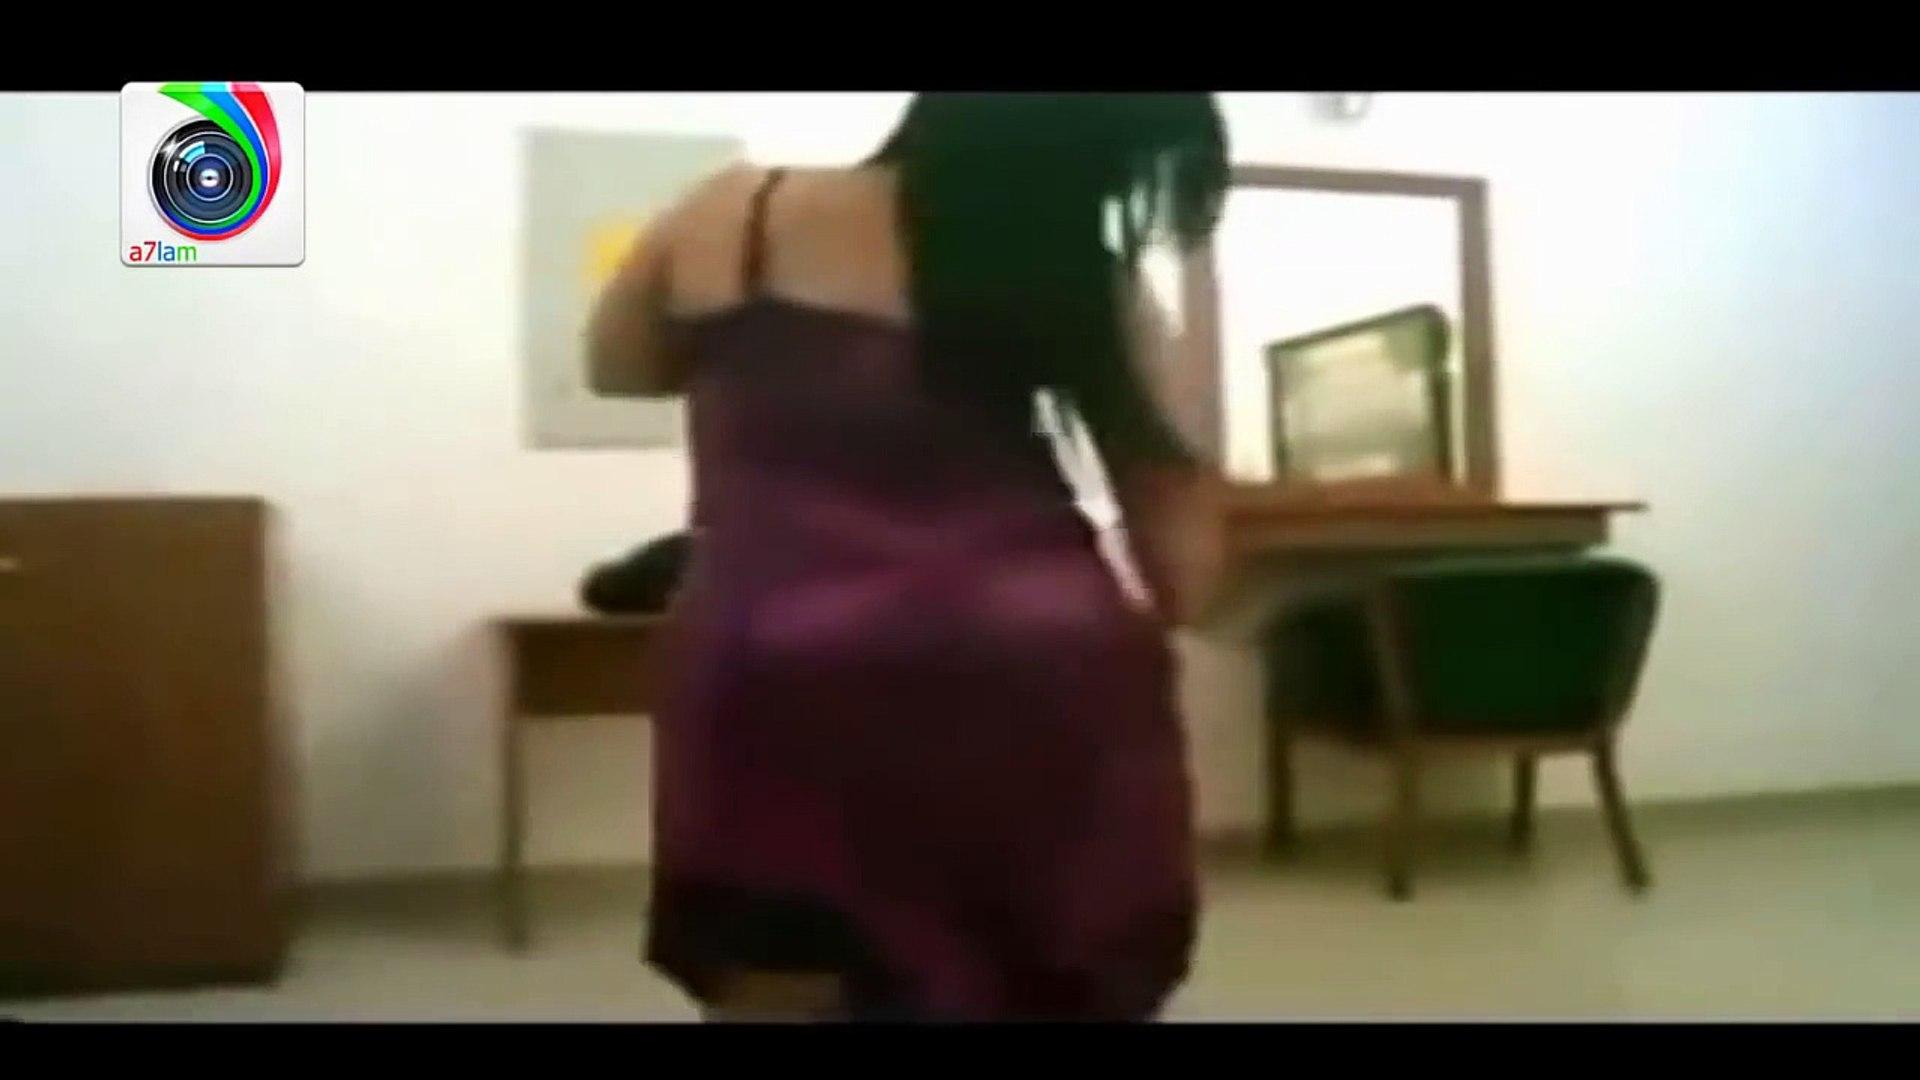 رقص خليجي سعودي منزلي رقص بنات فاحش منزلي رقص ملابس شفافة 2014